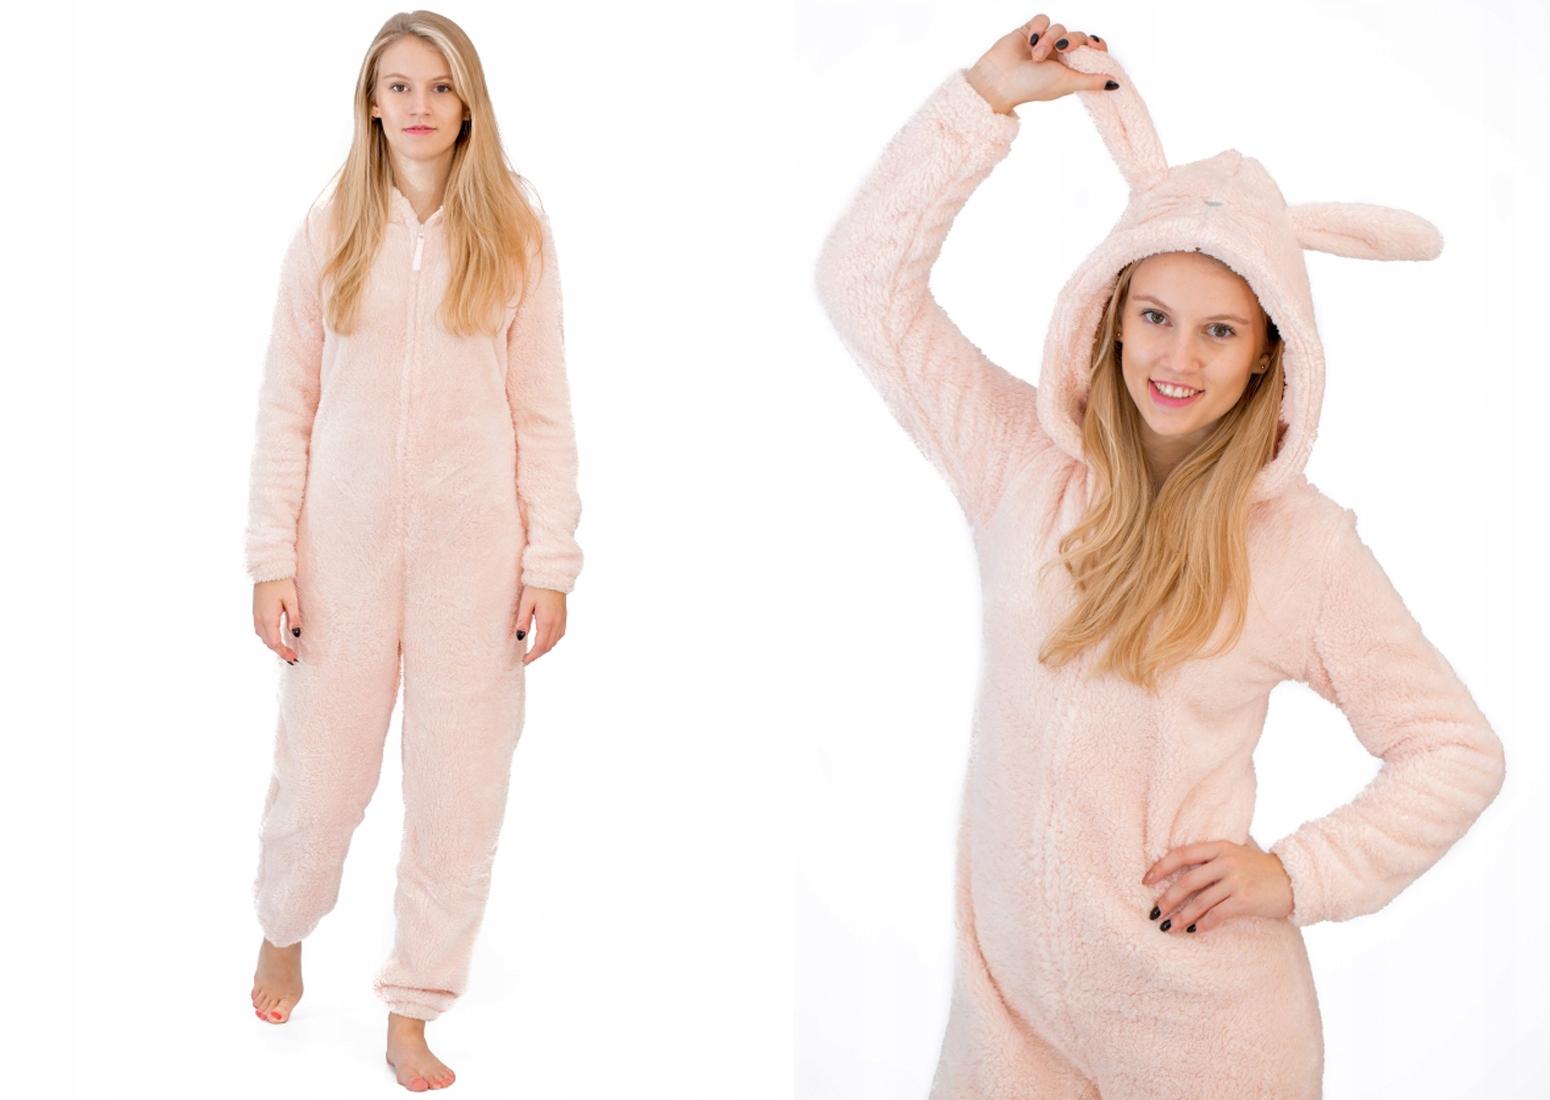 ce73eb05e241f8 ONESIE piżama jednoczęściowa pajac śpioch KRÓLIK L - 6970362366 ...